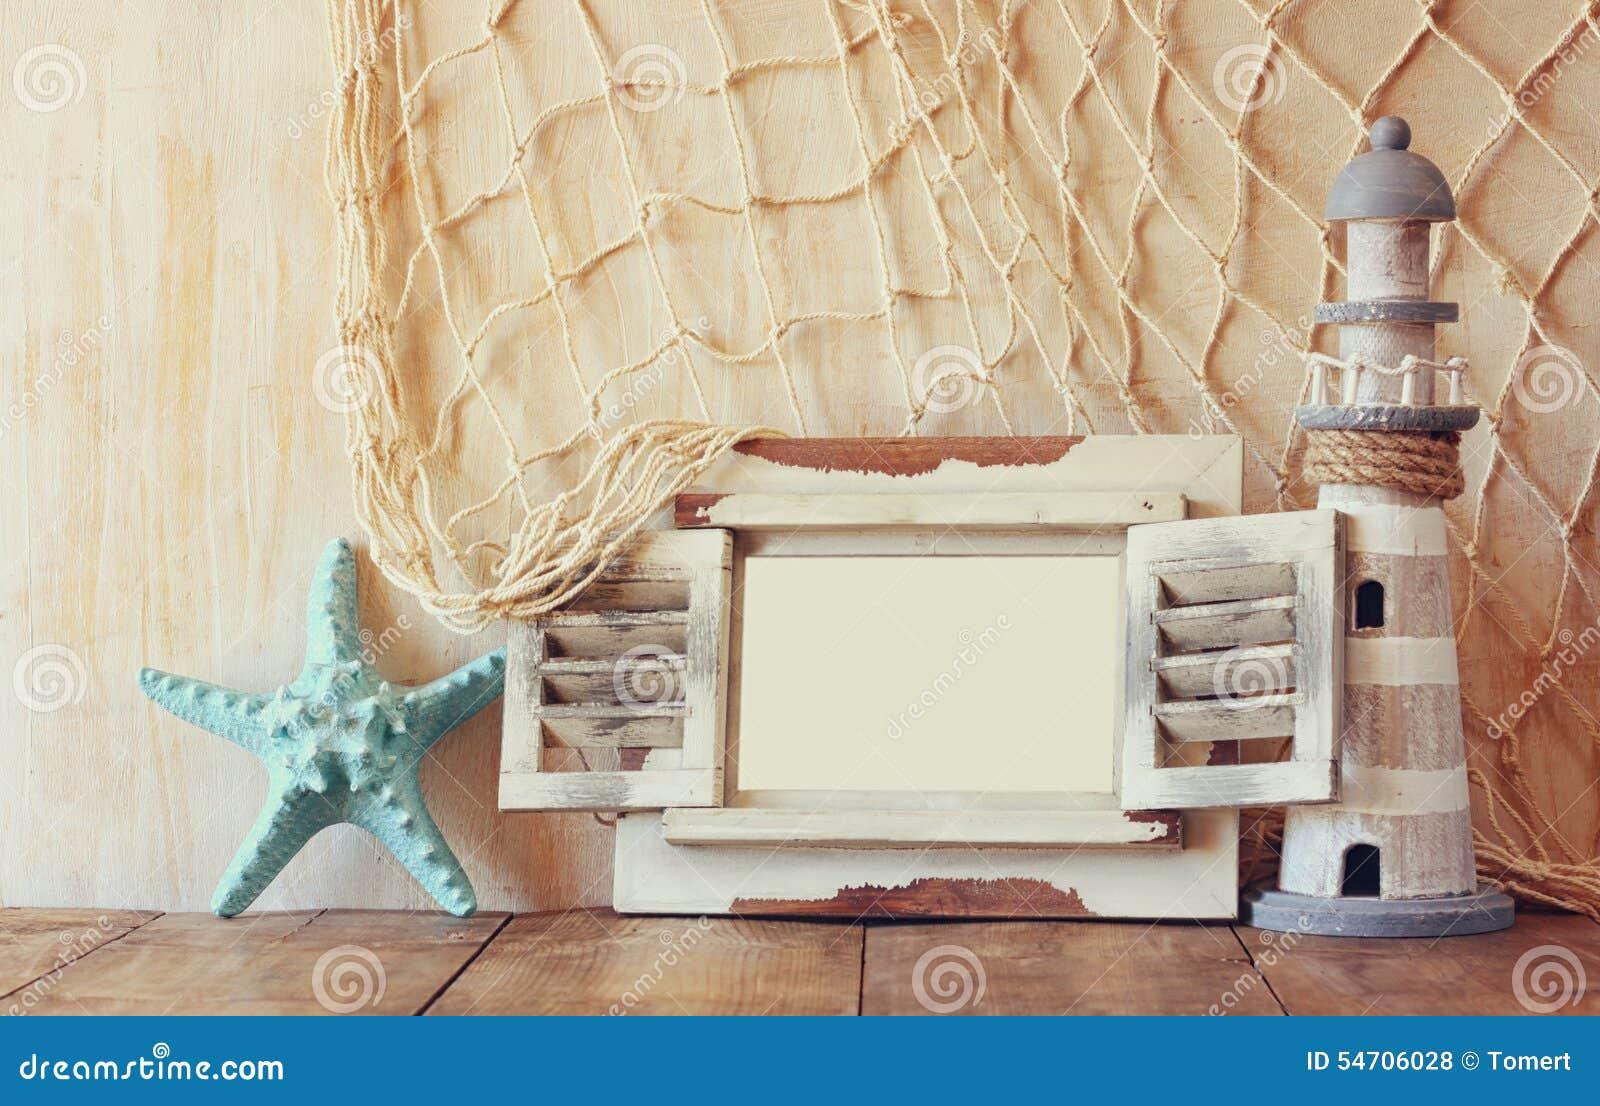 Hölzerner weißer Rahmen und Leuchtturm der alten Weinlese auf Holztisch Weinlese gefiltertes Bild Seelebensstilkonzept